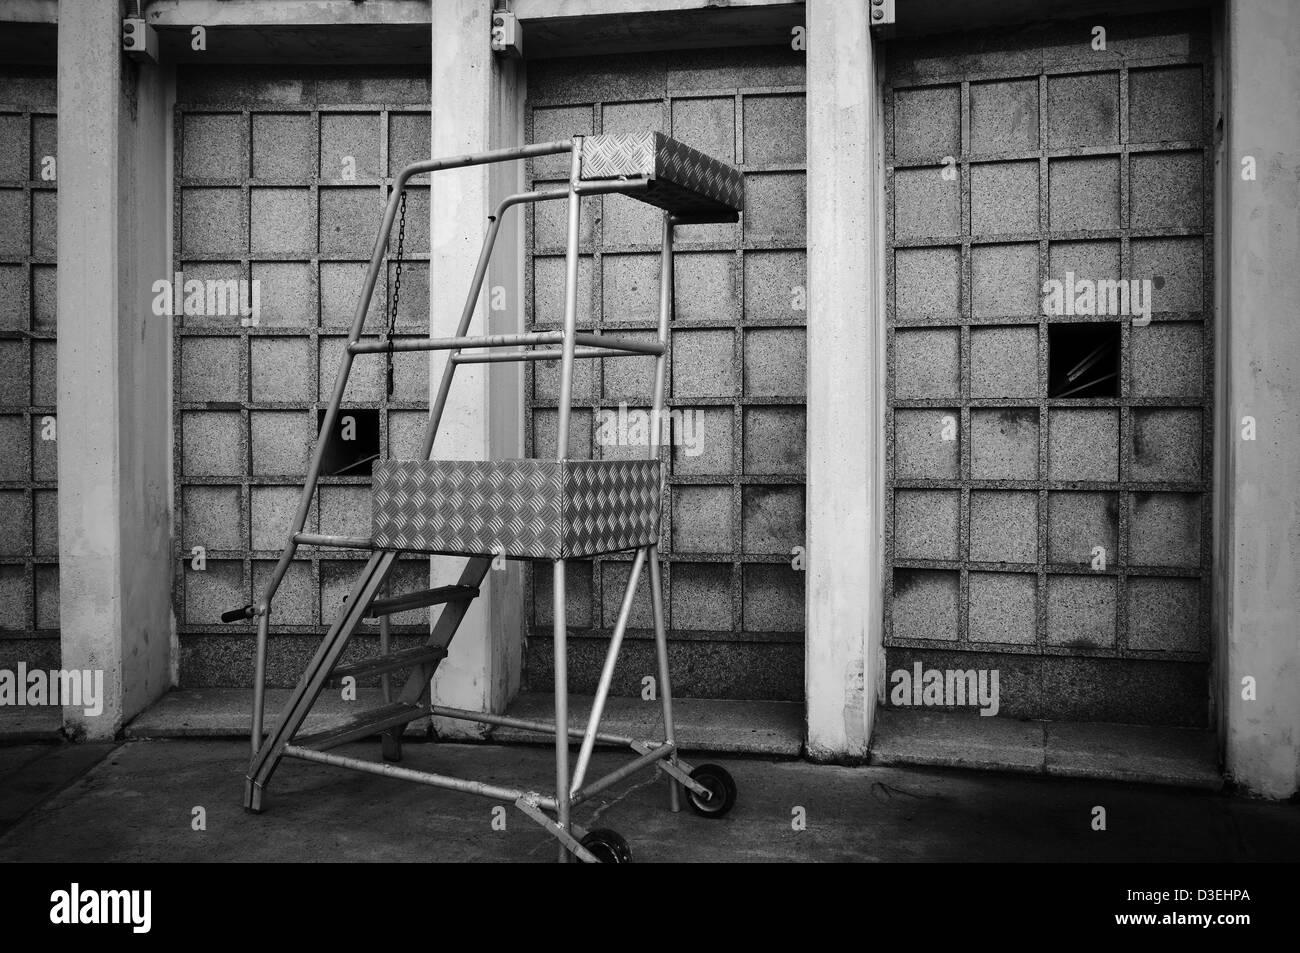 Cellule di sepoltura. Moderna Cimitero. Italia Immagini Stock